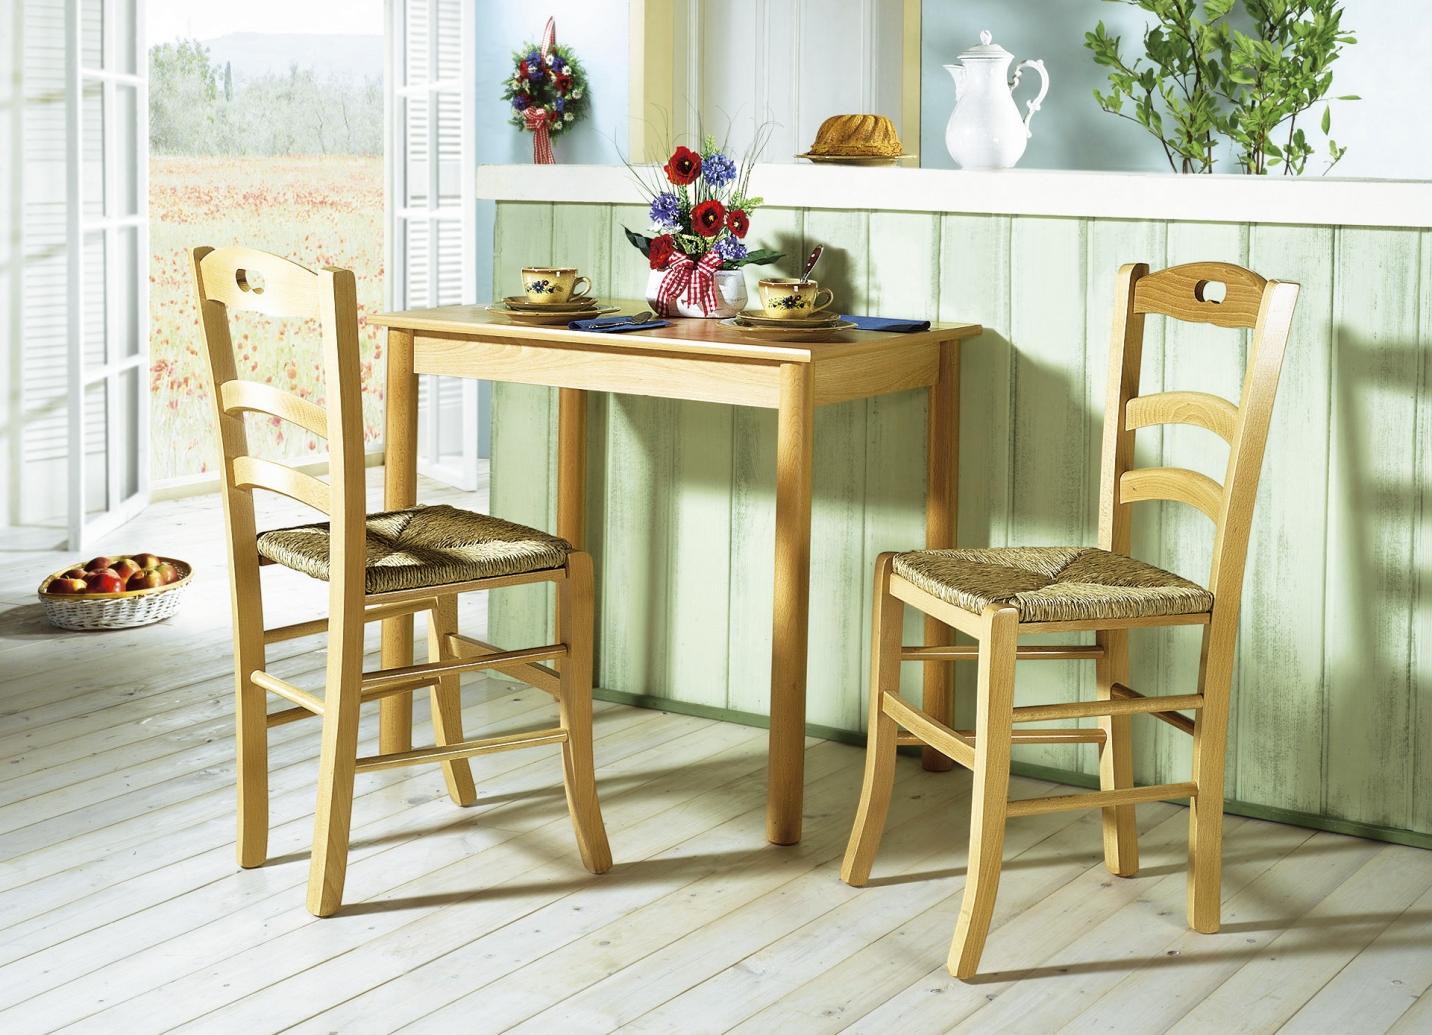 Stühle esszimmer landhausstil – midir